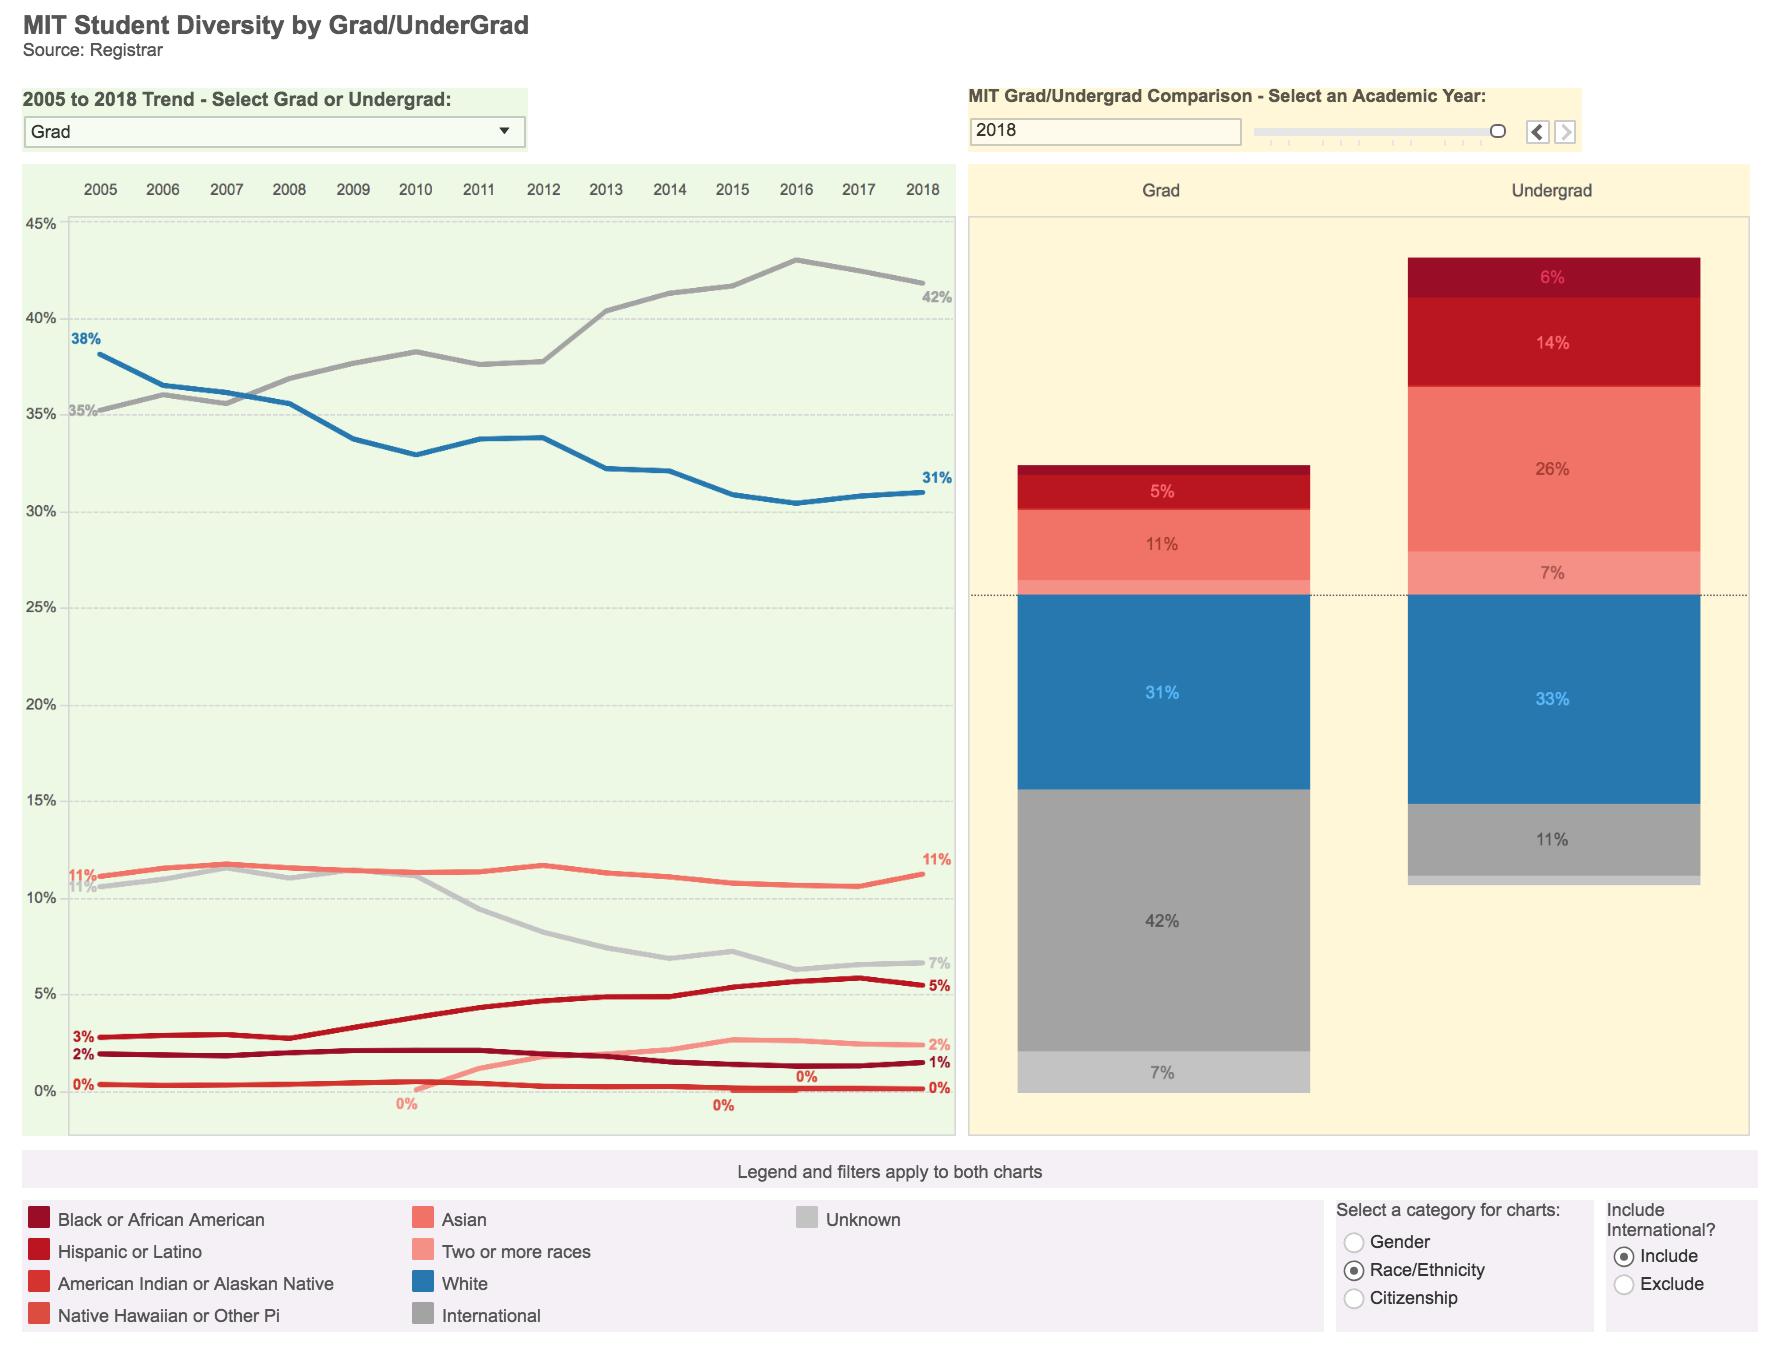 source: MIT Diversity Dashboard (http://web.mit.edu/ir/pop/diversity.html)